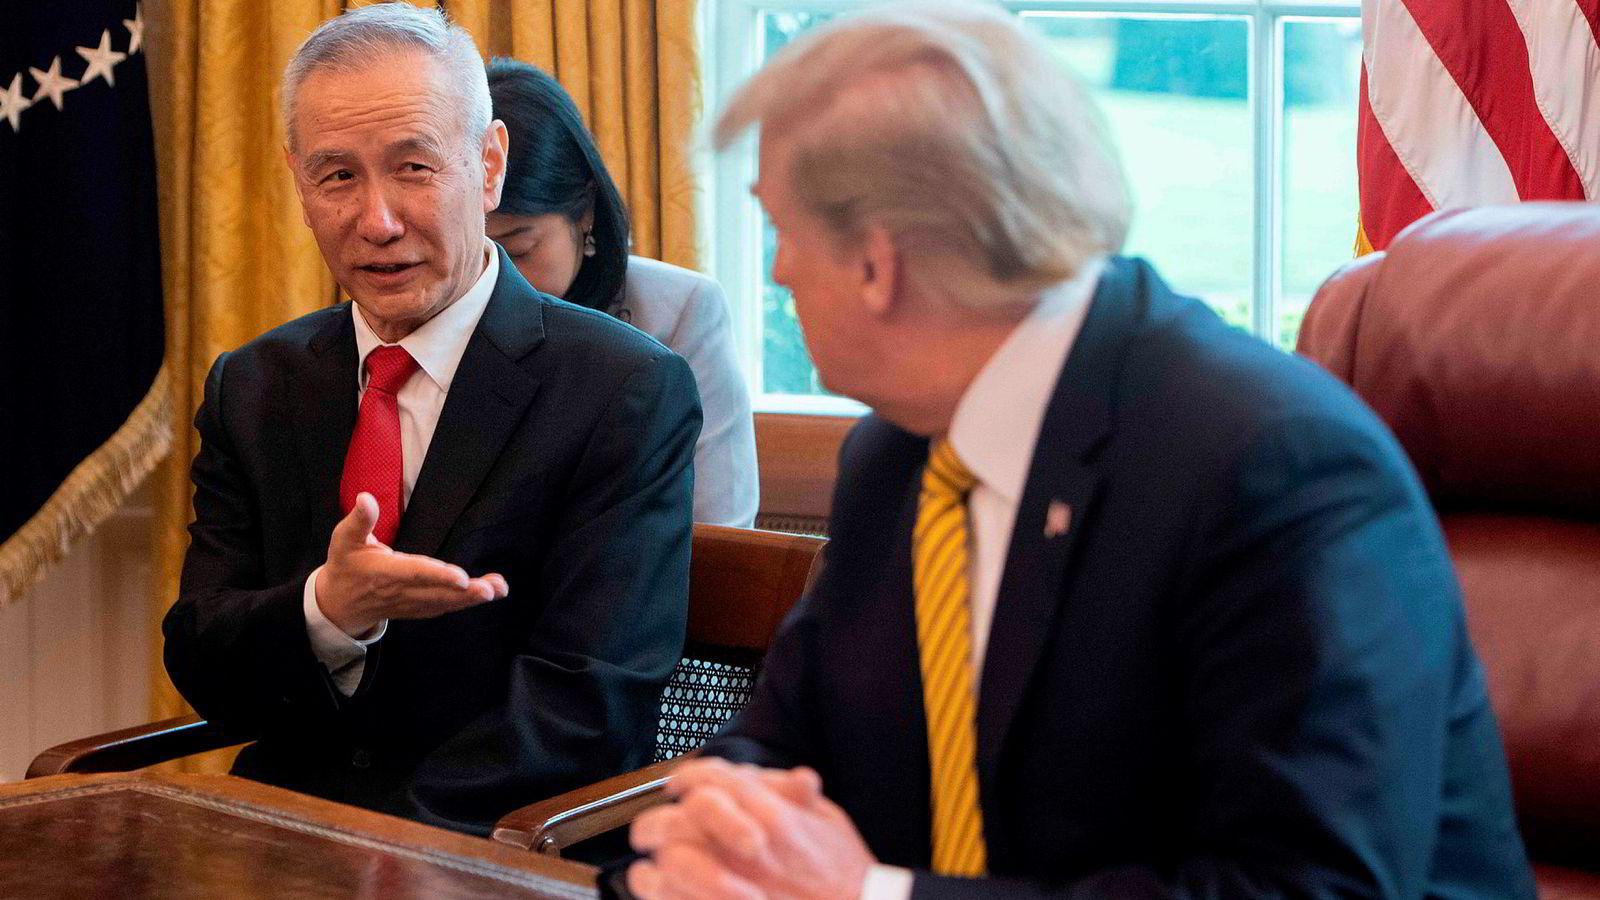 Kina får feire 70 år under kommunistisk styre den 1. oktober uten ny straffetoll. Visestatsminister Liu He (til venstre) skal lede den kinesiske delegasjonen som kommer til USA i oktober.